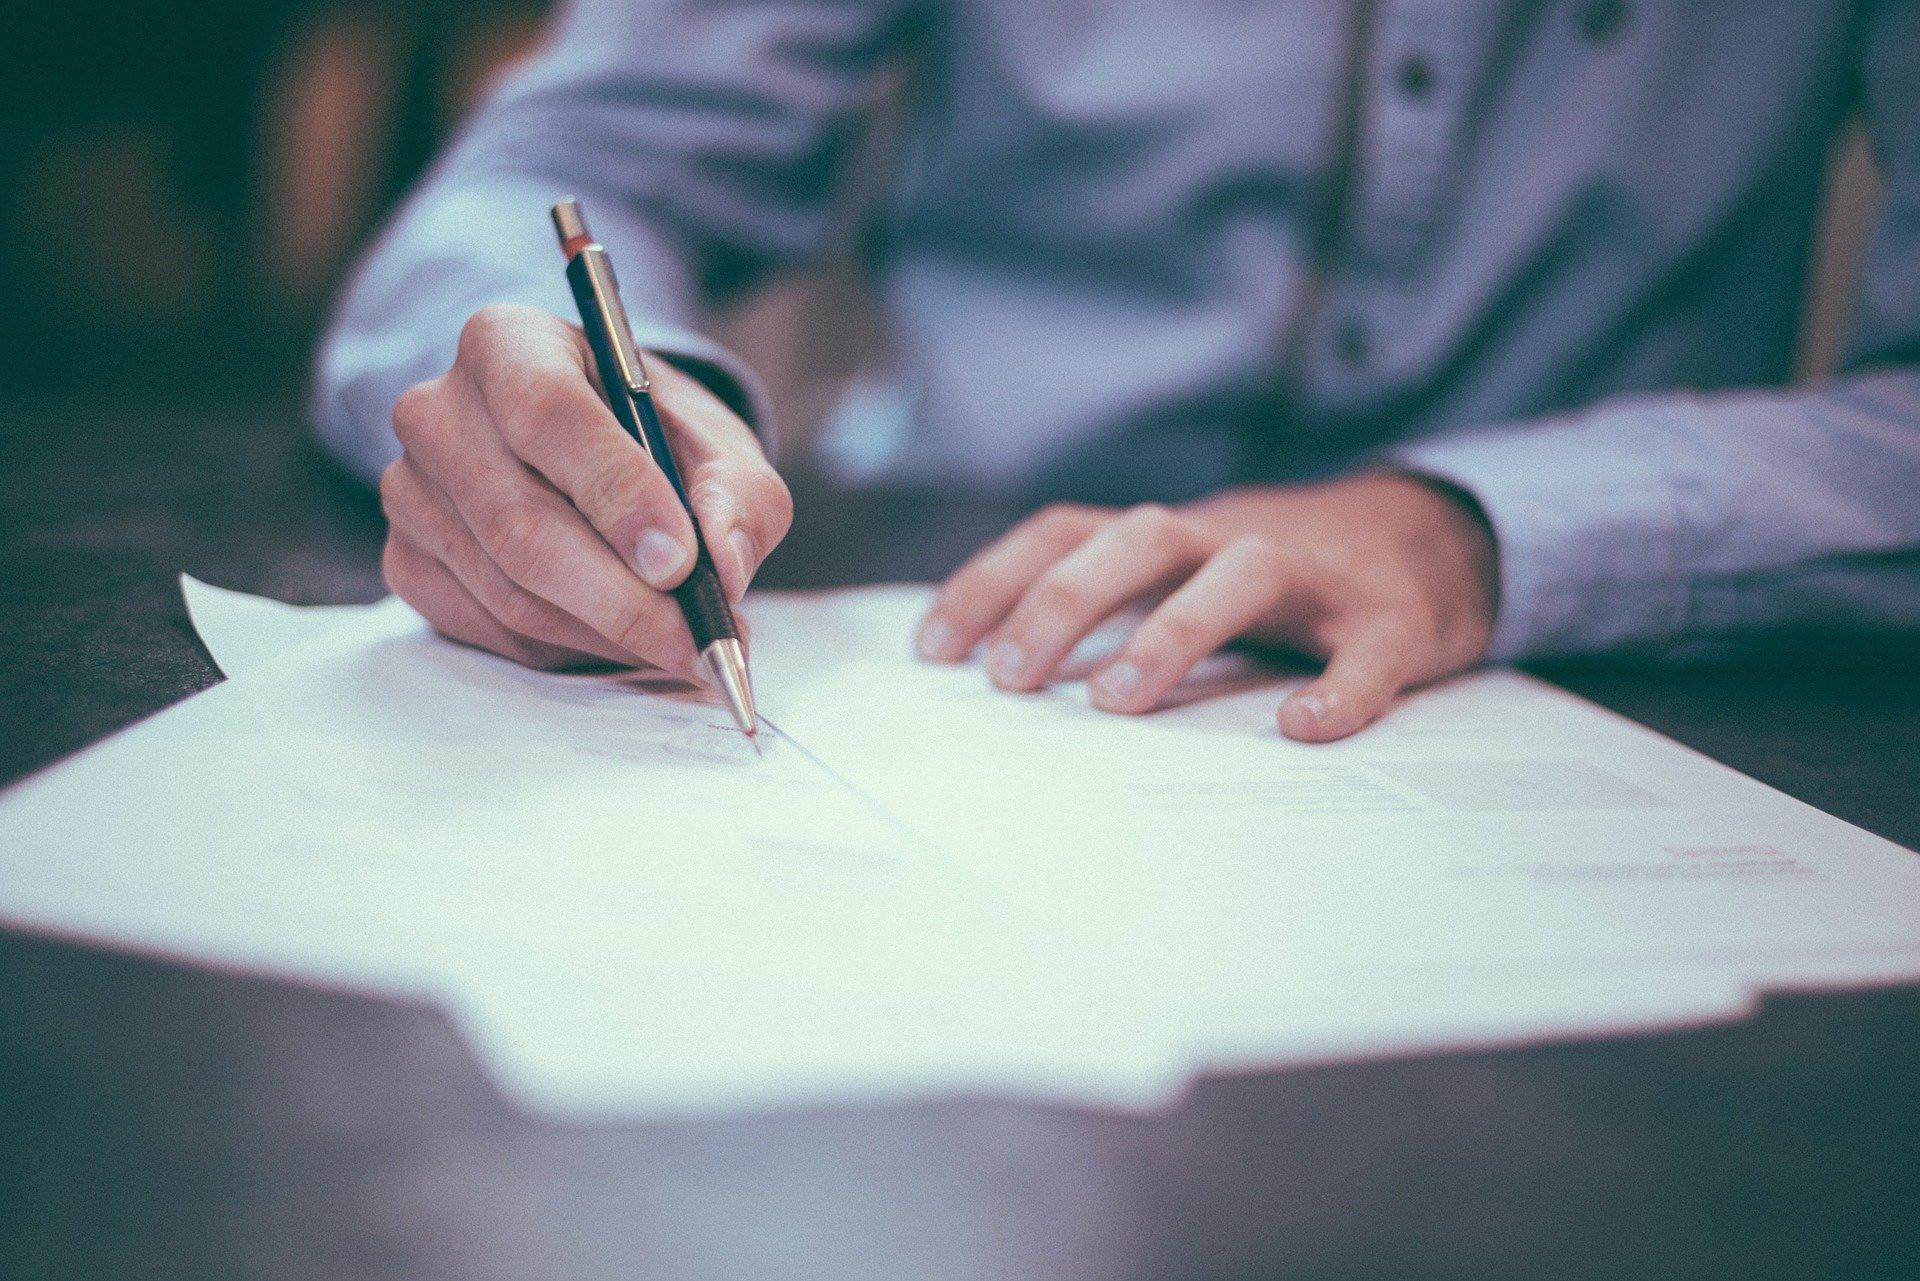 Новые поправки: ярославцам рассказали, когда можно отказаться от страховки по кредиту и как вернуть деньги